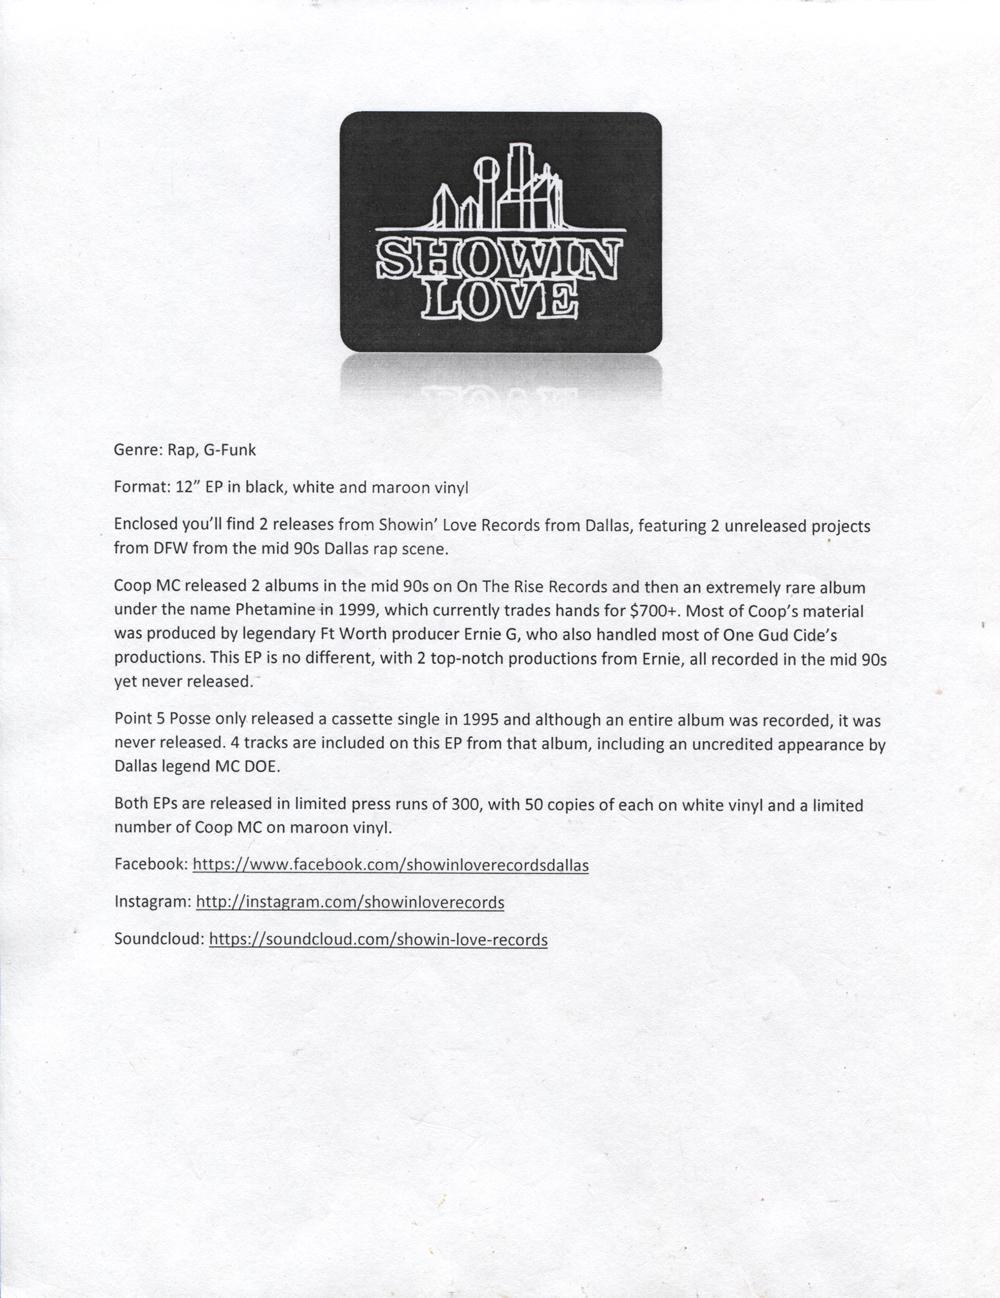 Showin-Love-Records-promo-letter